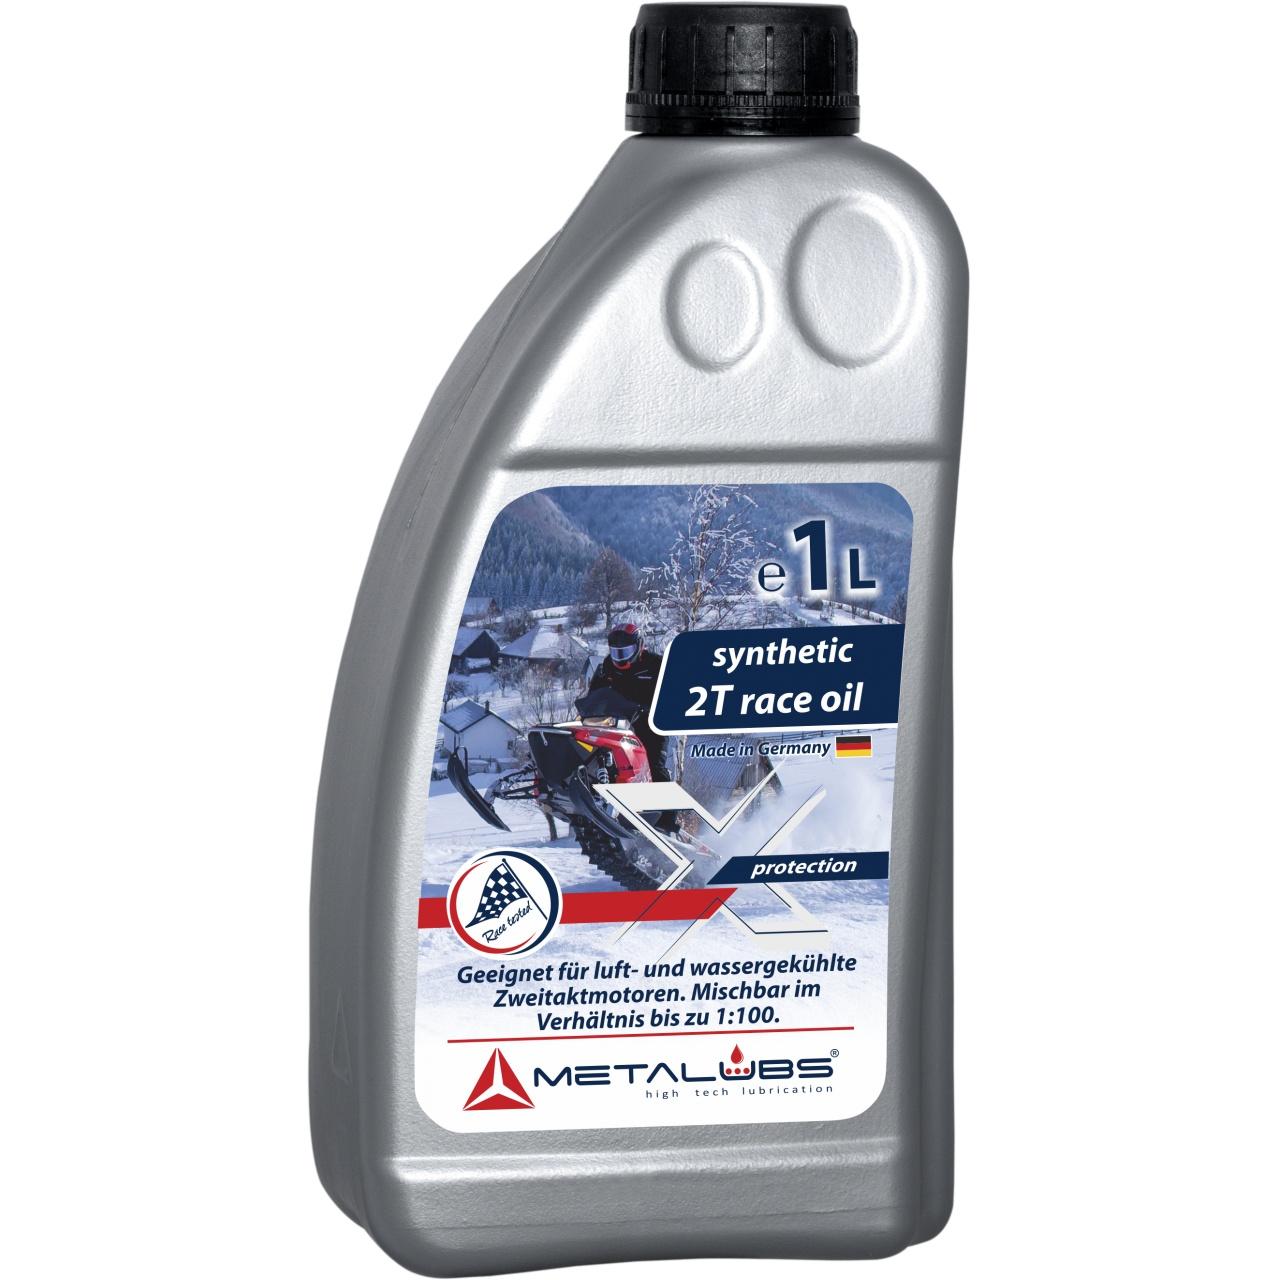 Metalubs 2T szintetikus olaj 1l